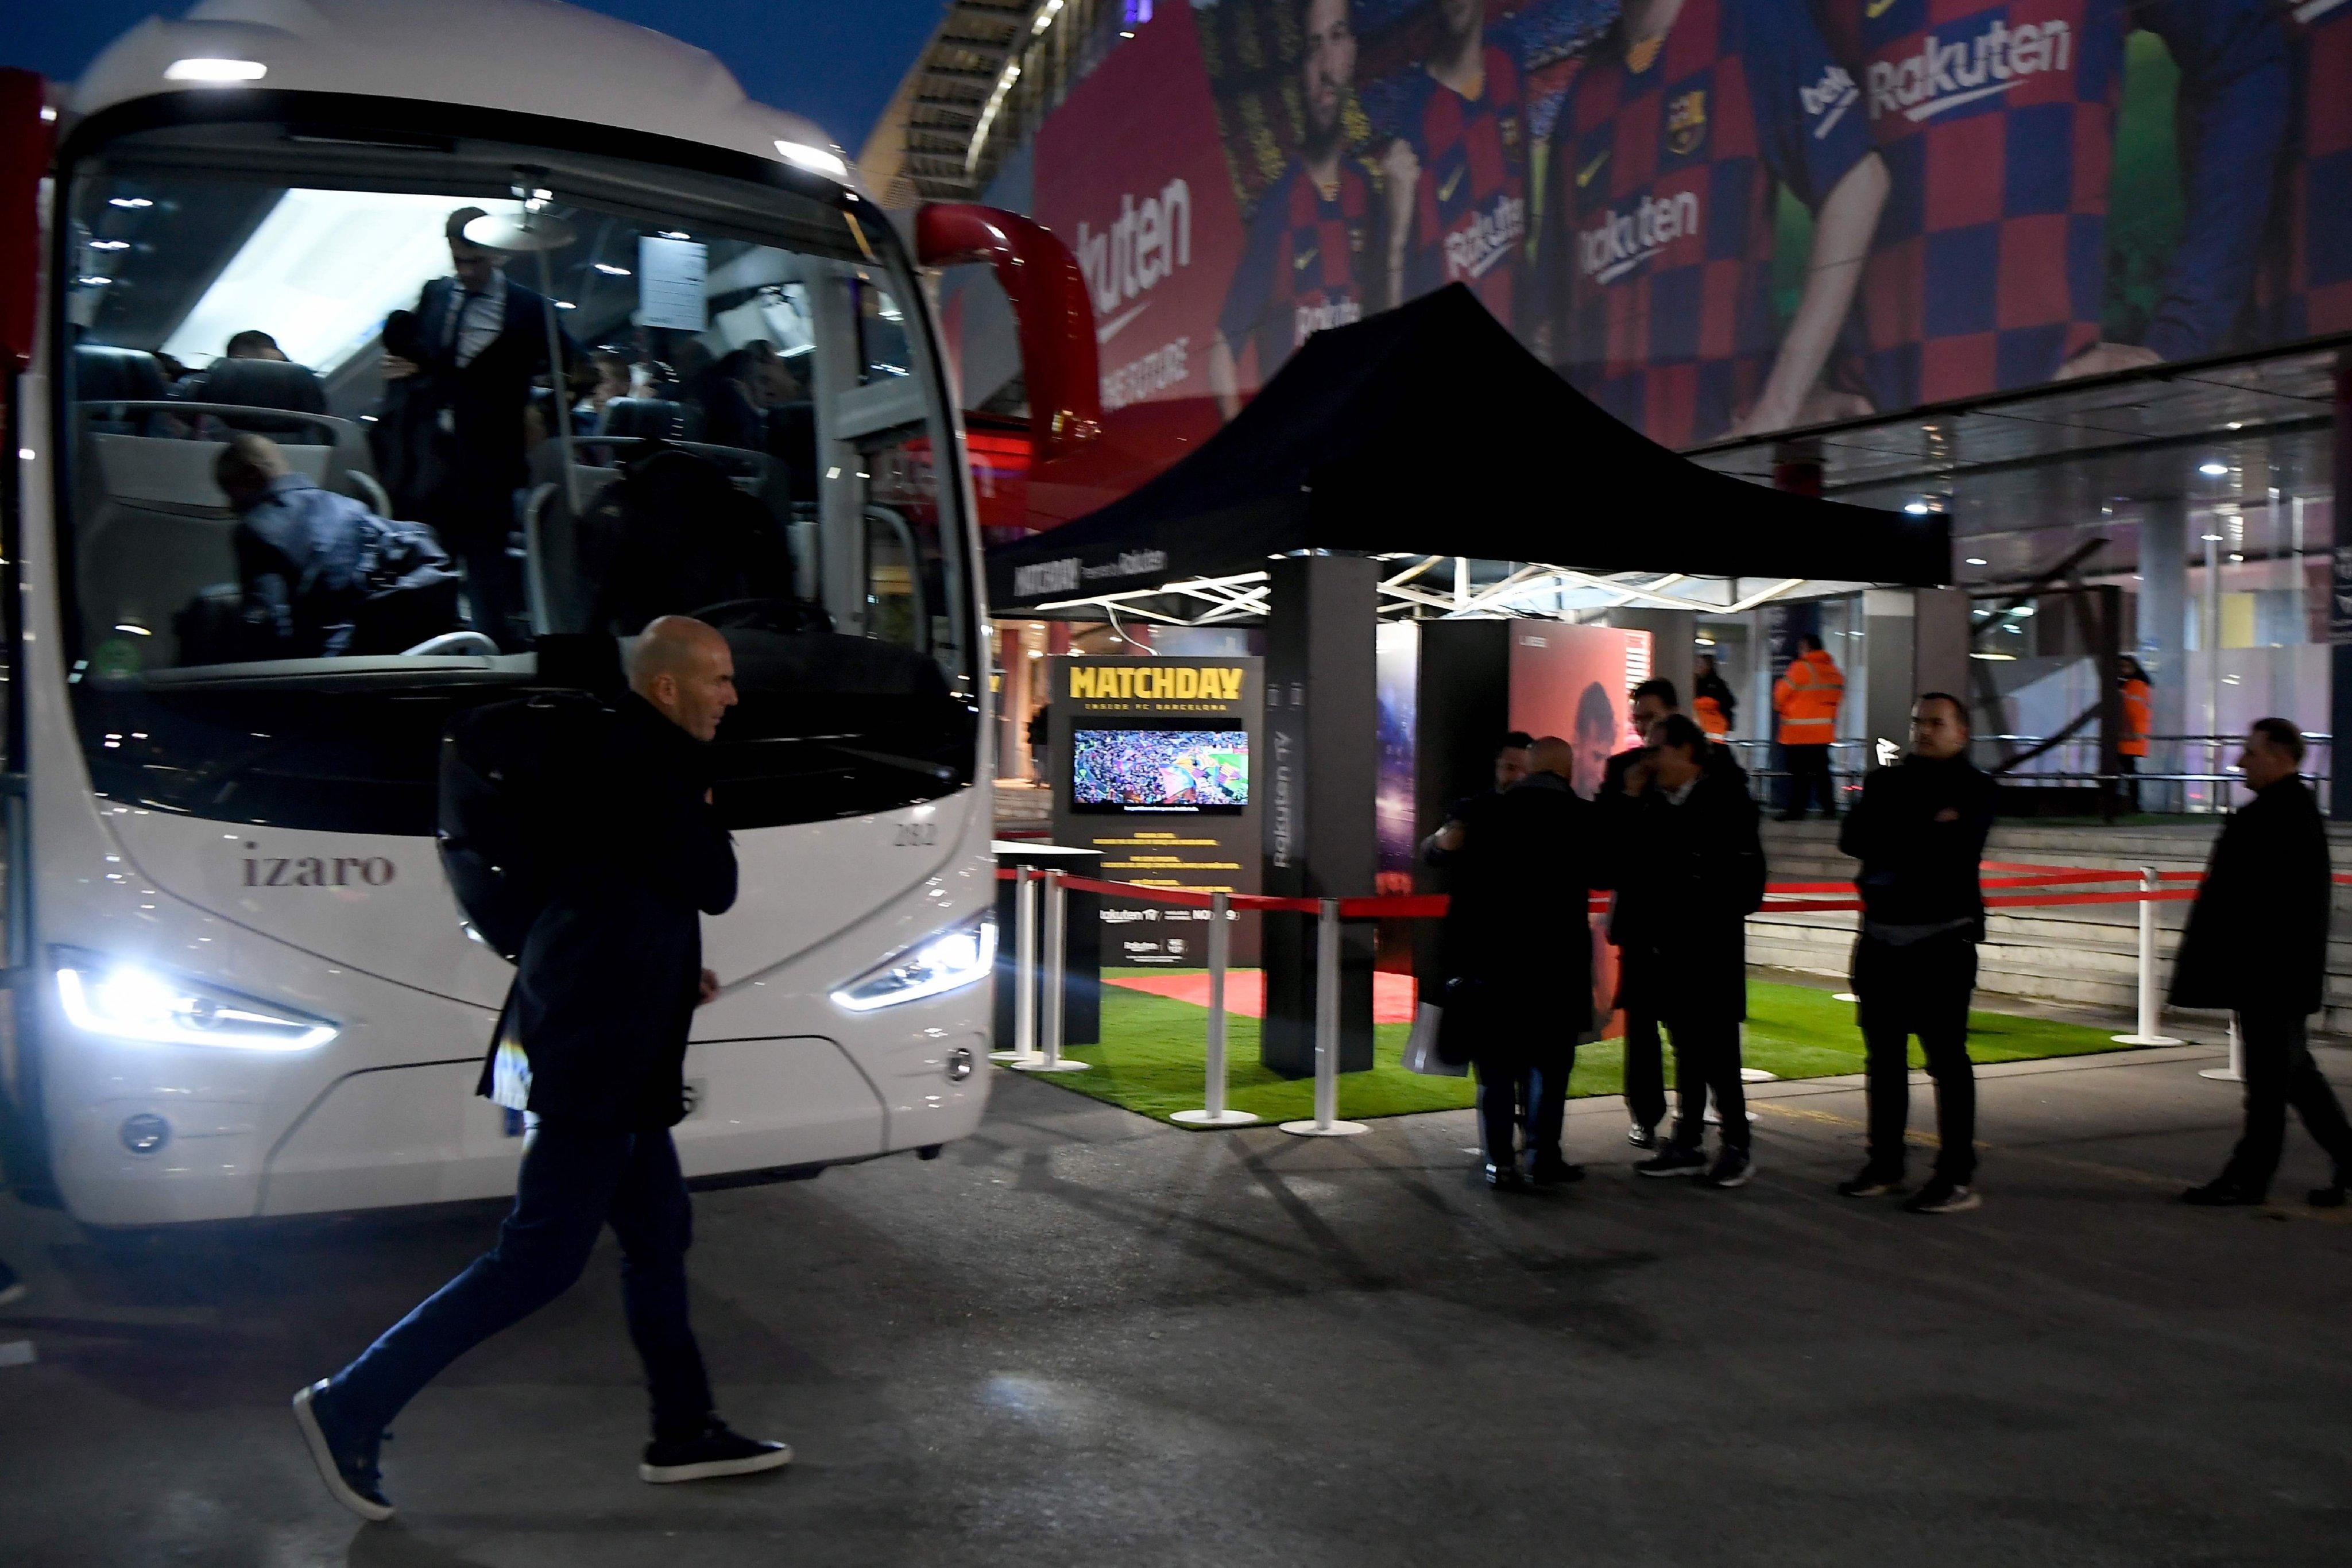 برشلونة ضد الريال .. أجواء وصول الفريقين إلى كامب نو ...